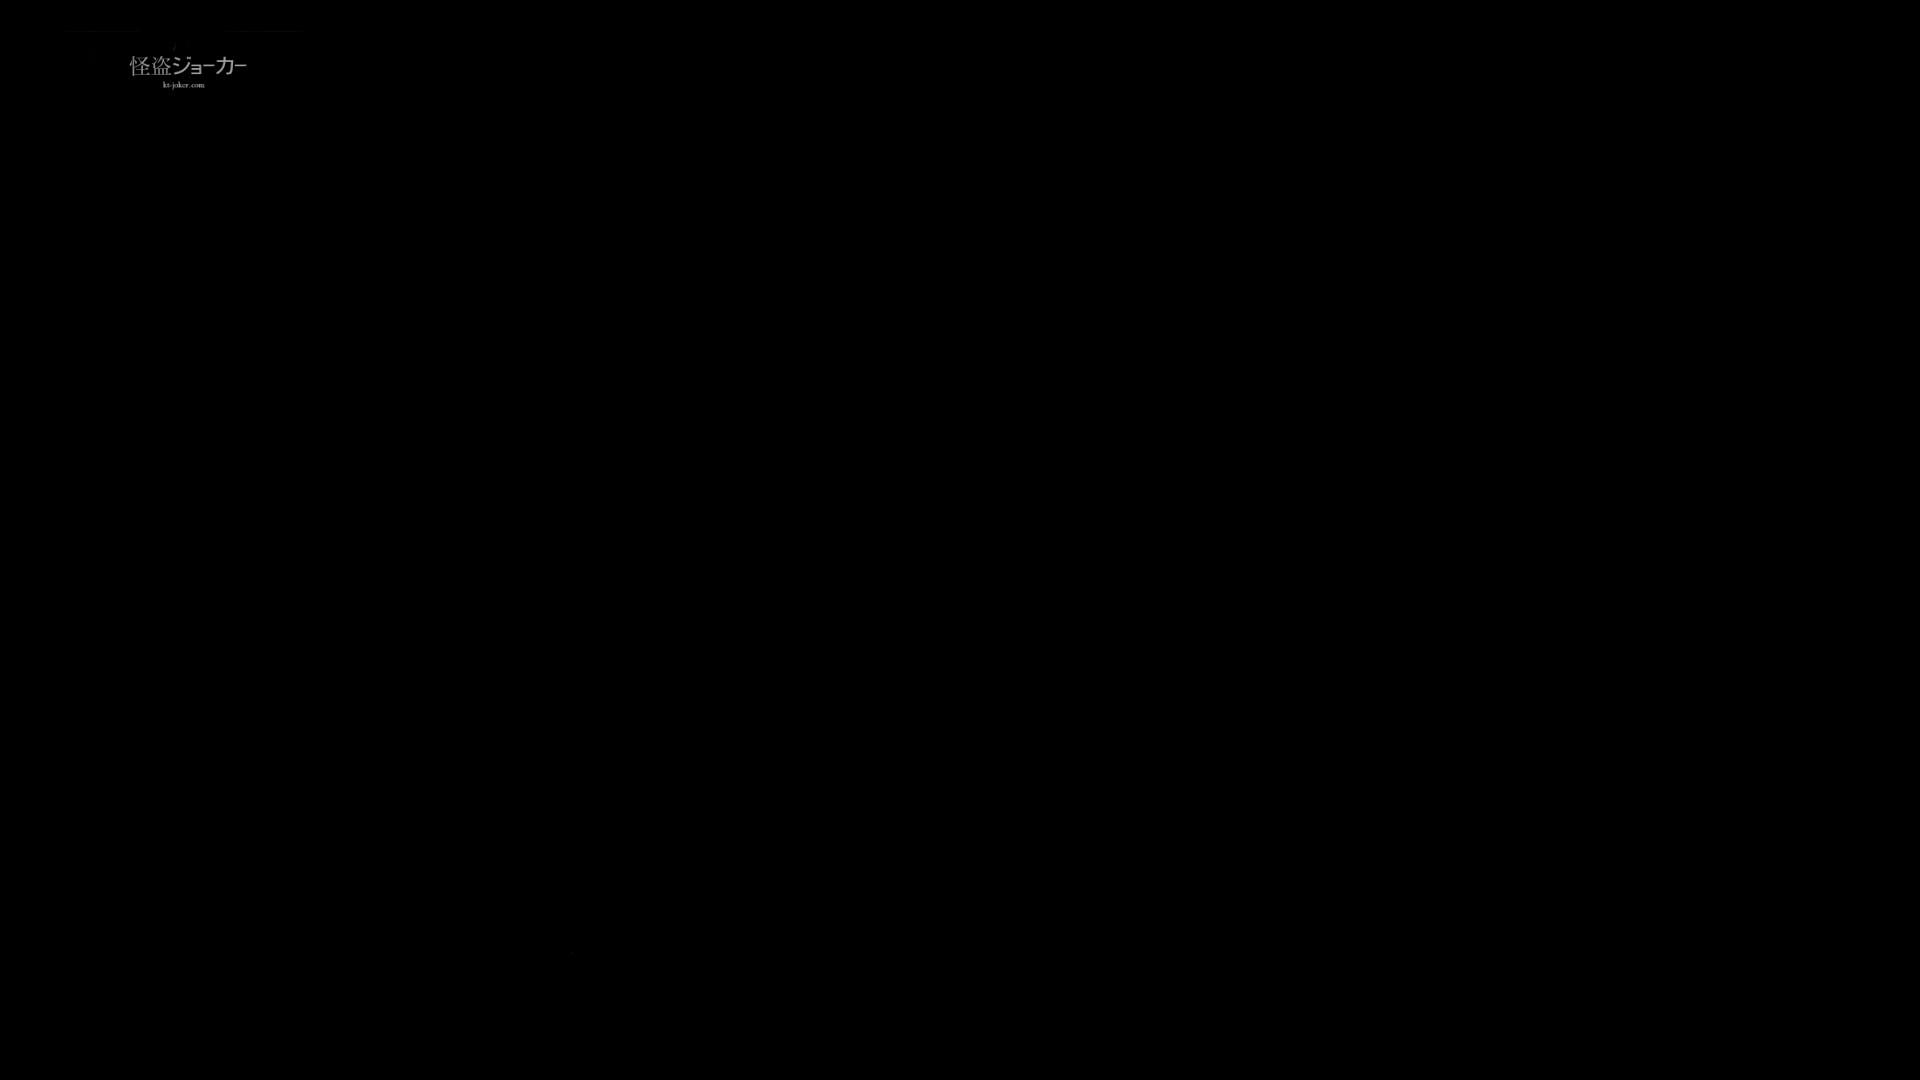 リアルインパクト盗撮~入浴編 Vol.01 ギャル盗撮映像 おまんこ無修正動画無料 54PIX 2